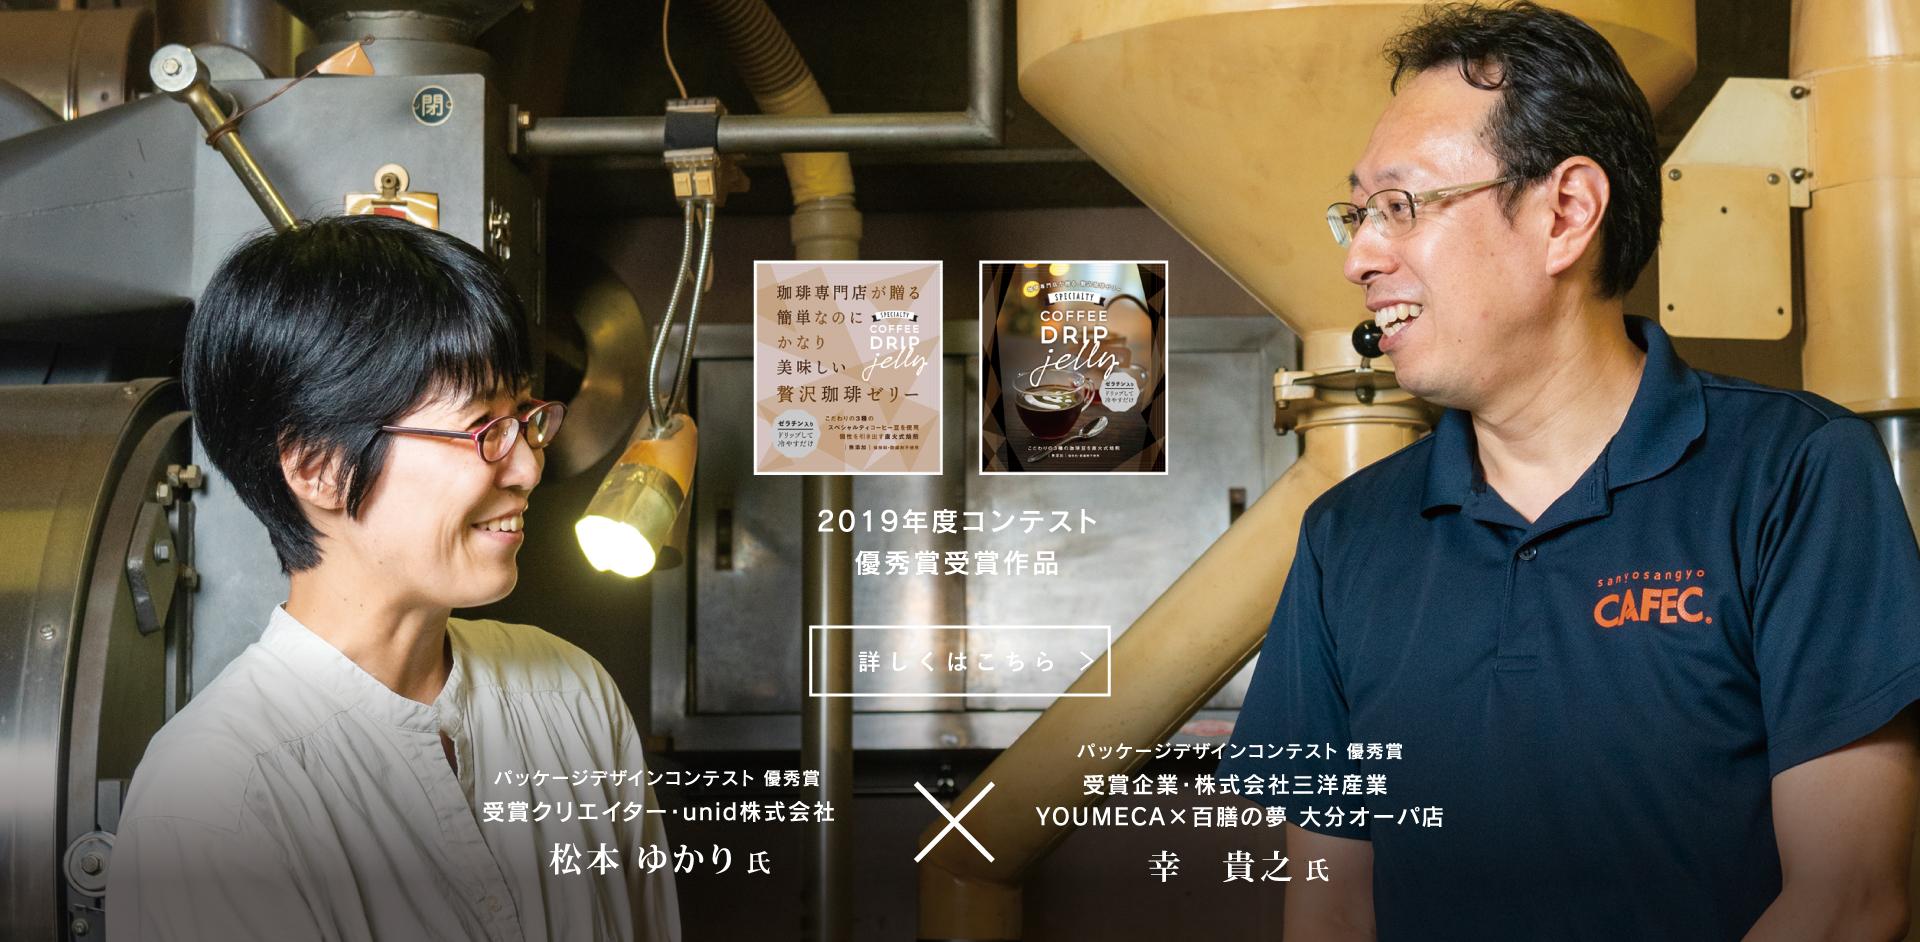 2019年度コンテスト対談 松本 ゆかり 氏  幸 貴之 氏